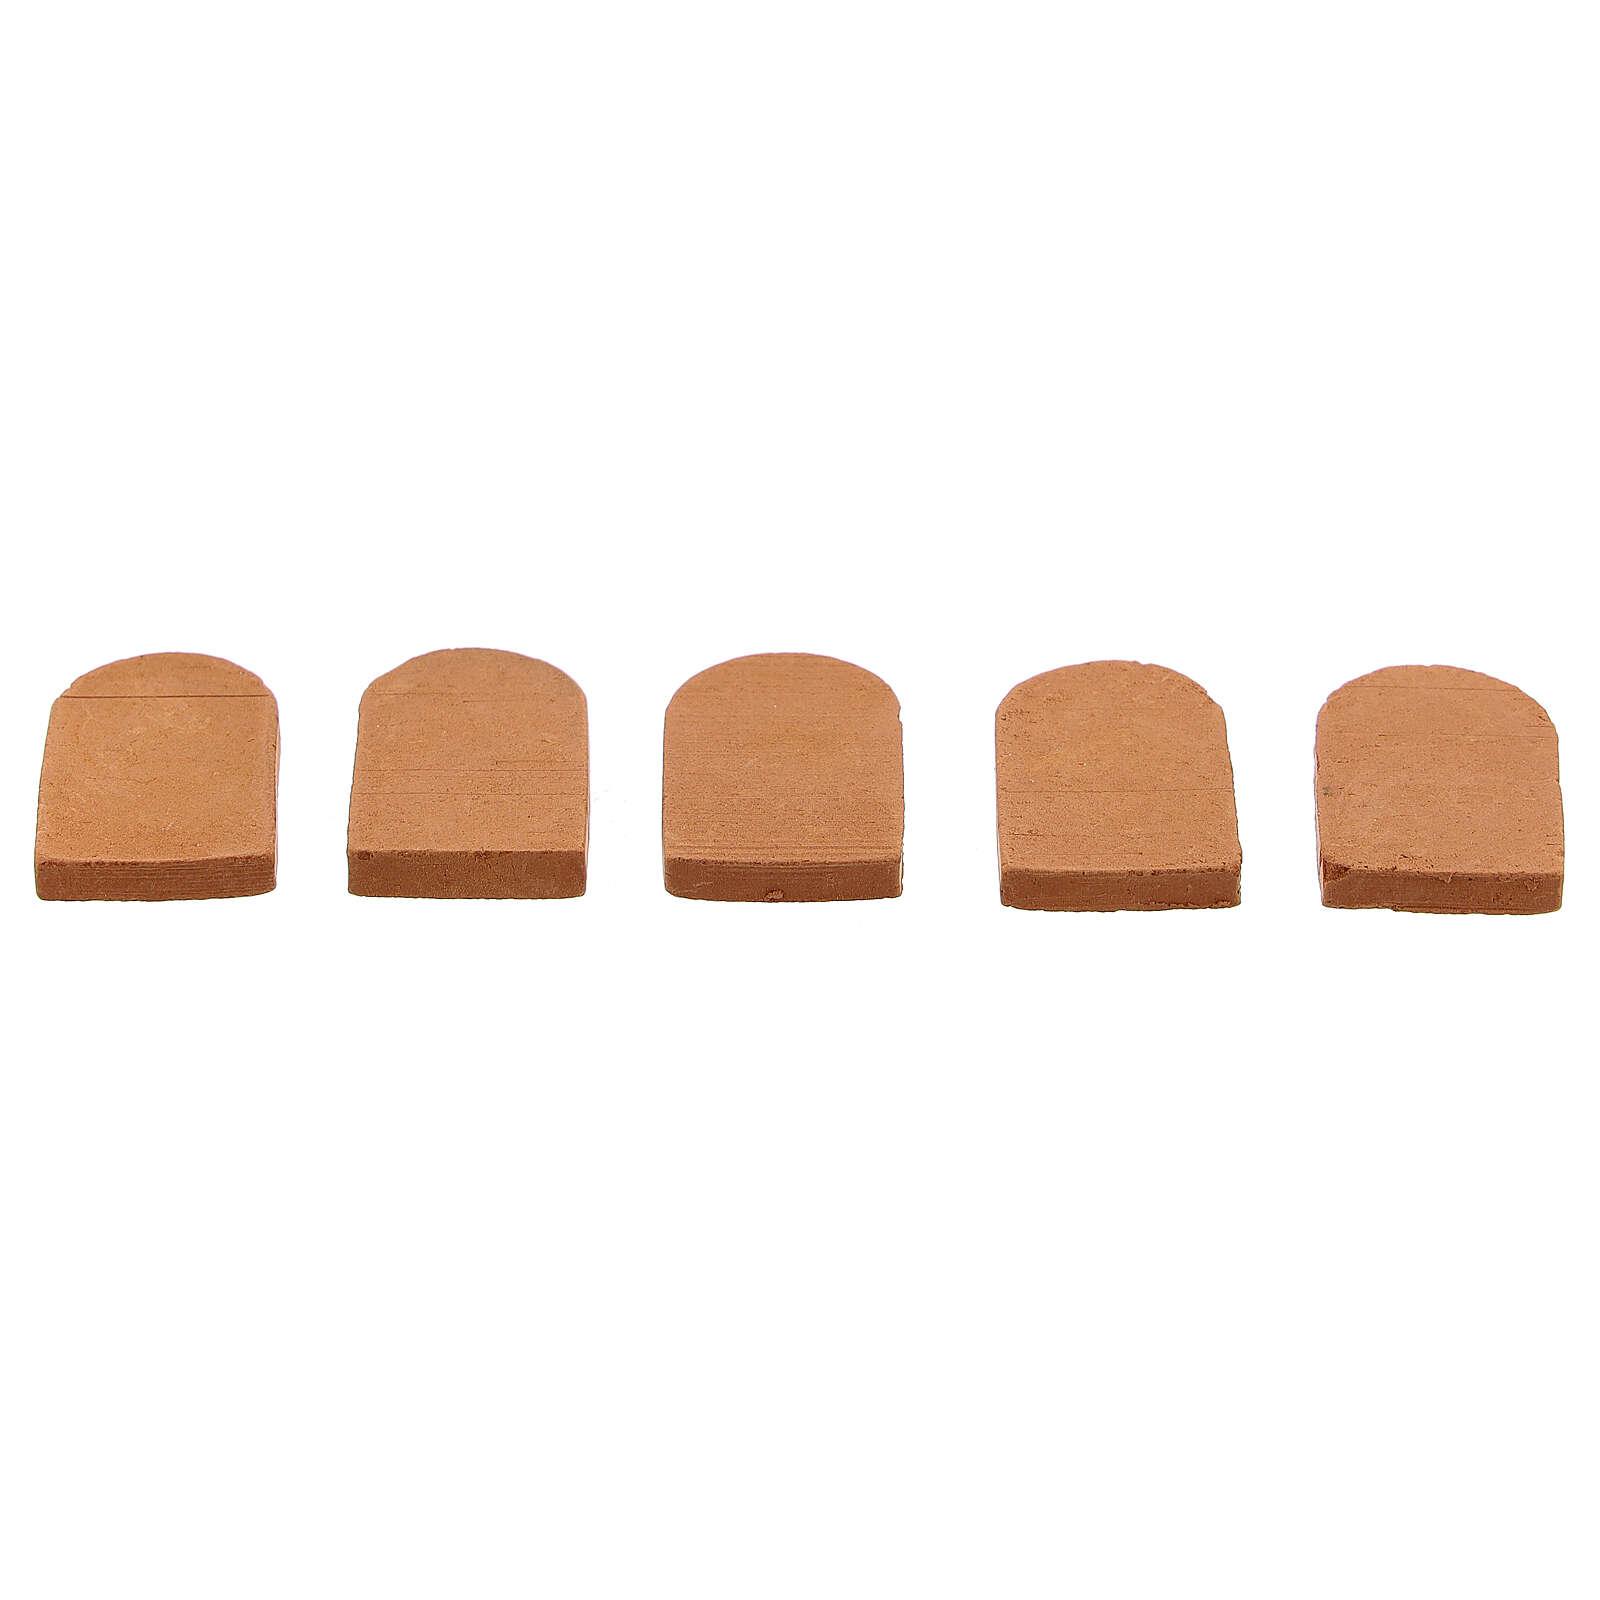 Tuiles terre cuite crèche 2x1,5 cm 100 pcs 4